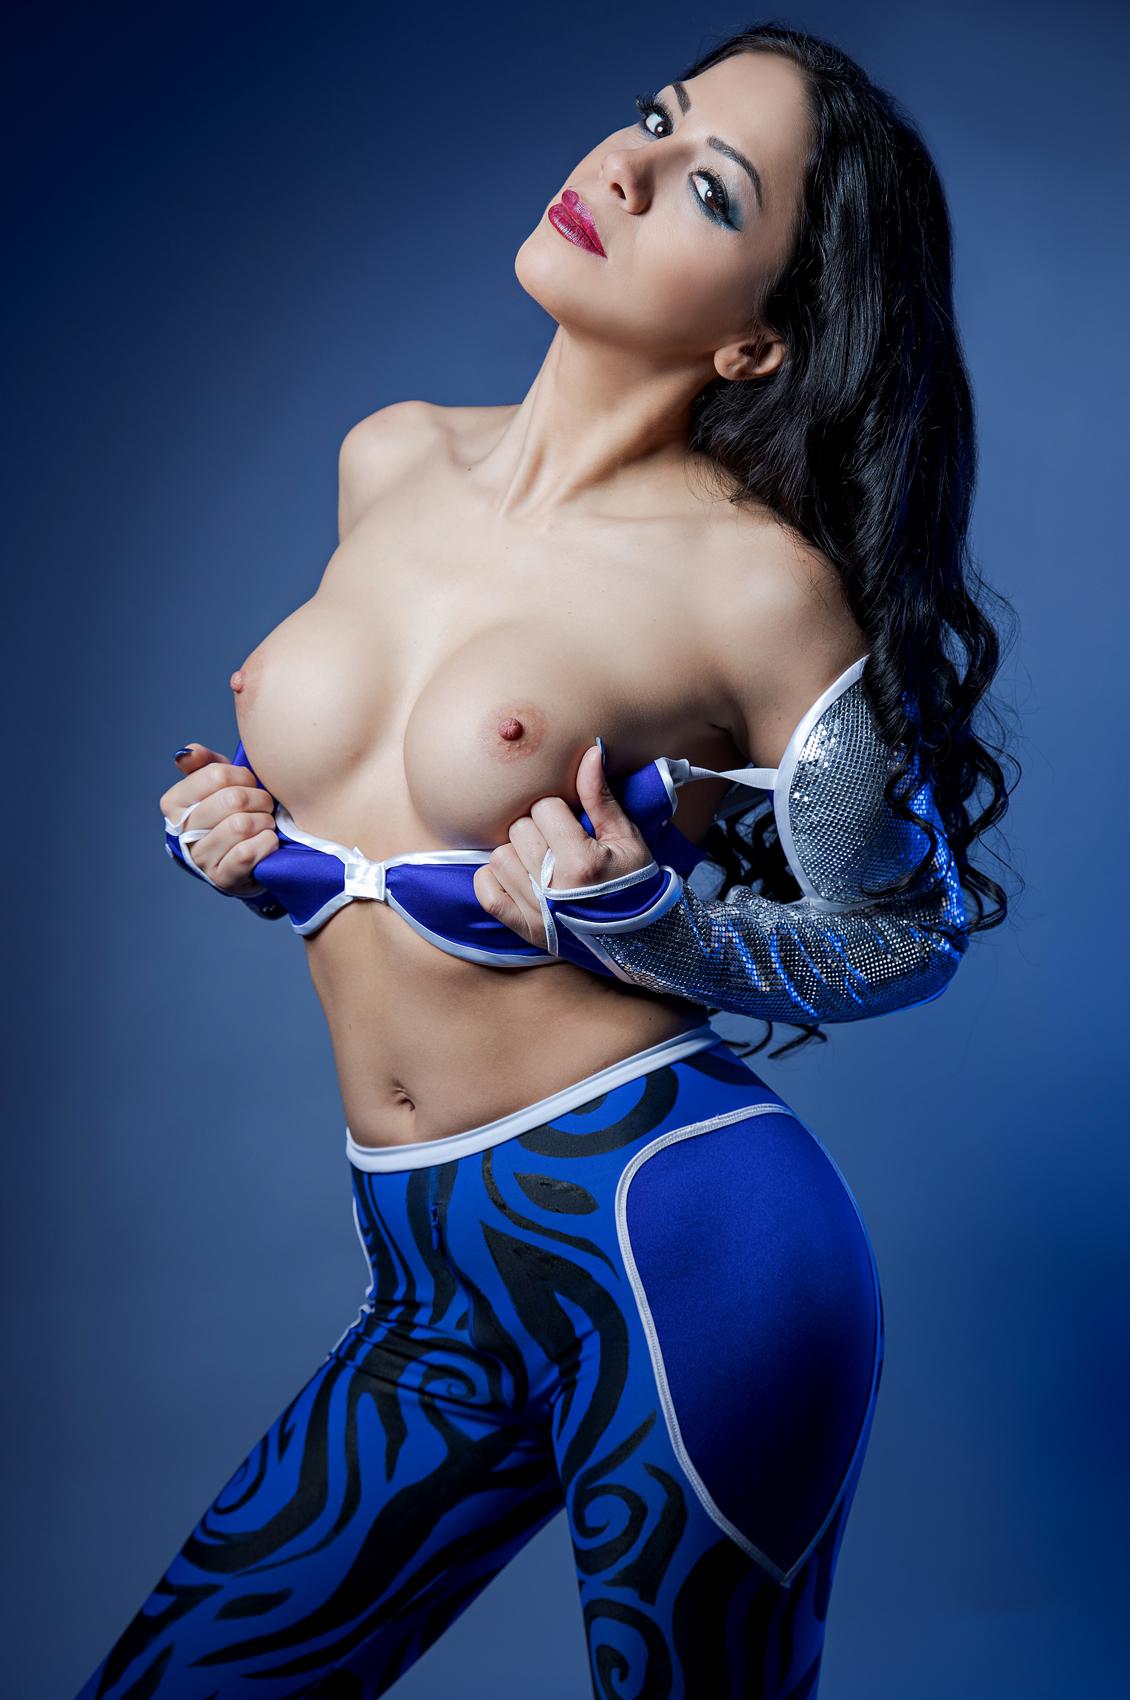 Julia De Lucia's VR Porn Videos, Bio & Free Nude Pics